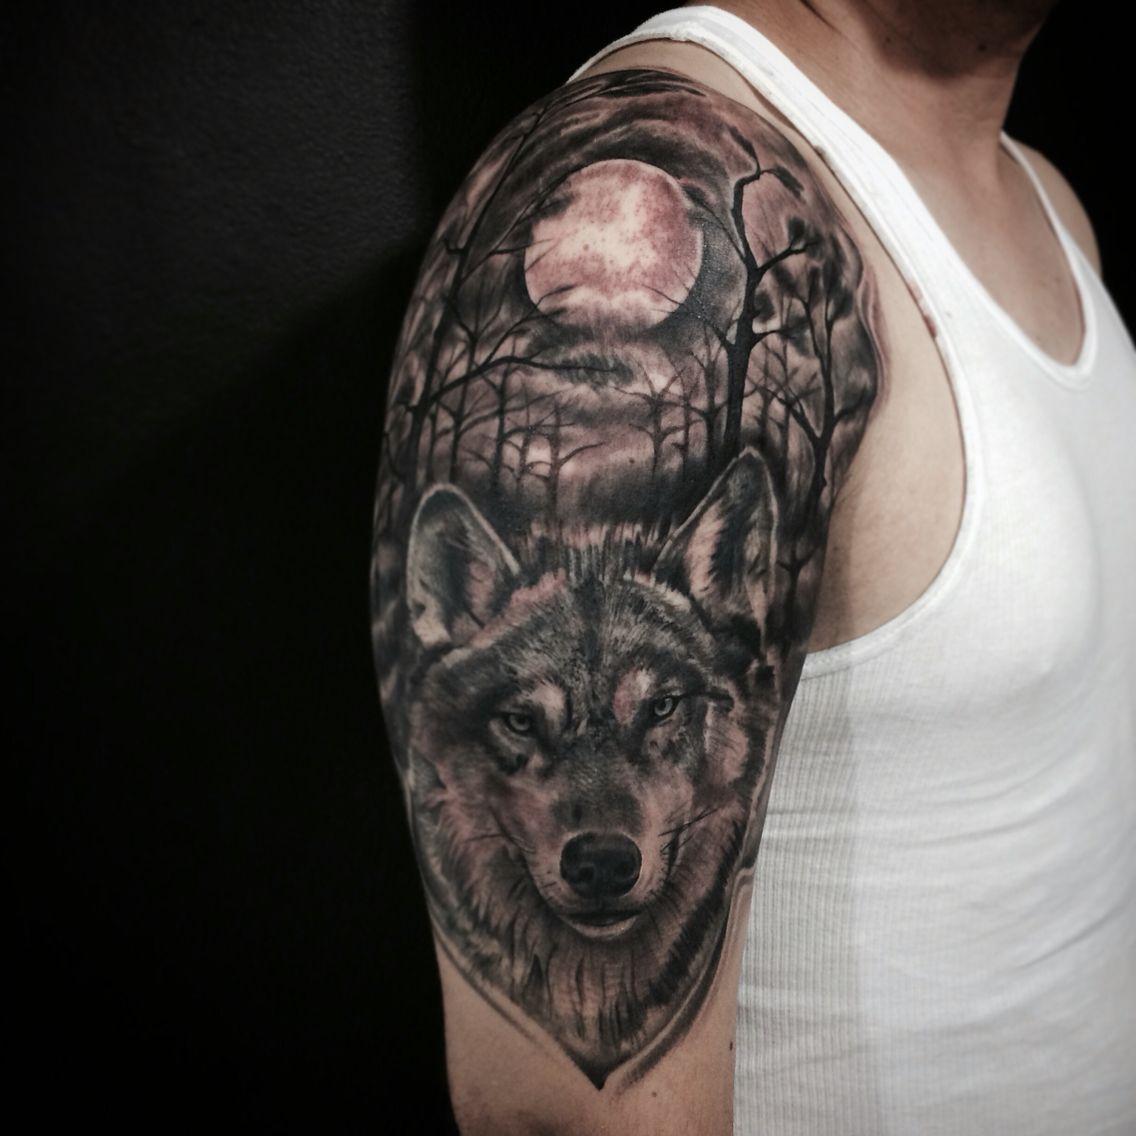 Tattoo Wolf Black Izbira Tatooja Pinterest Tattoos border=